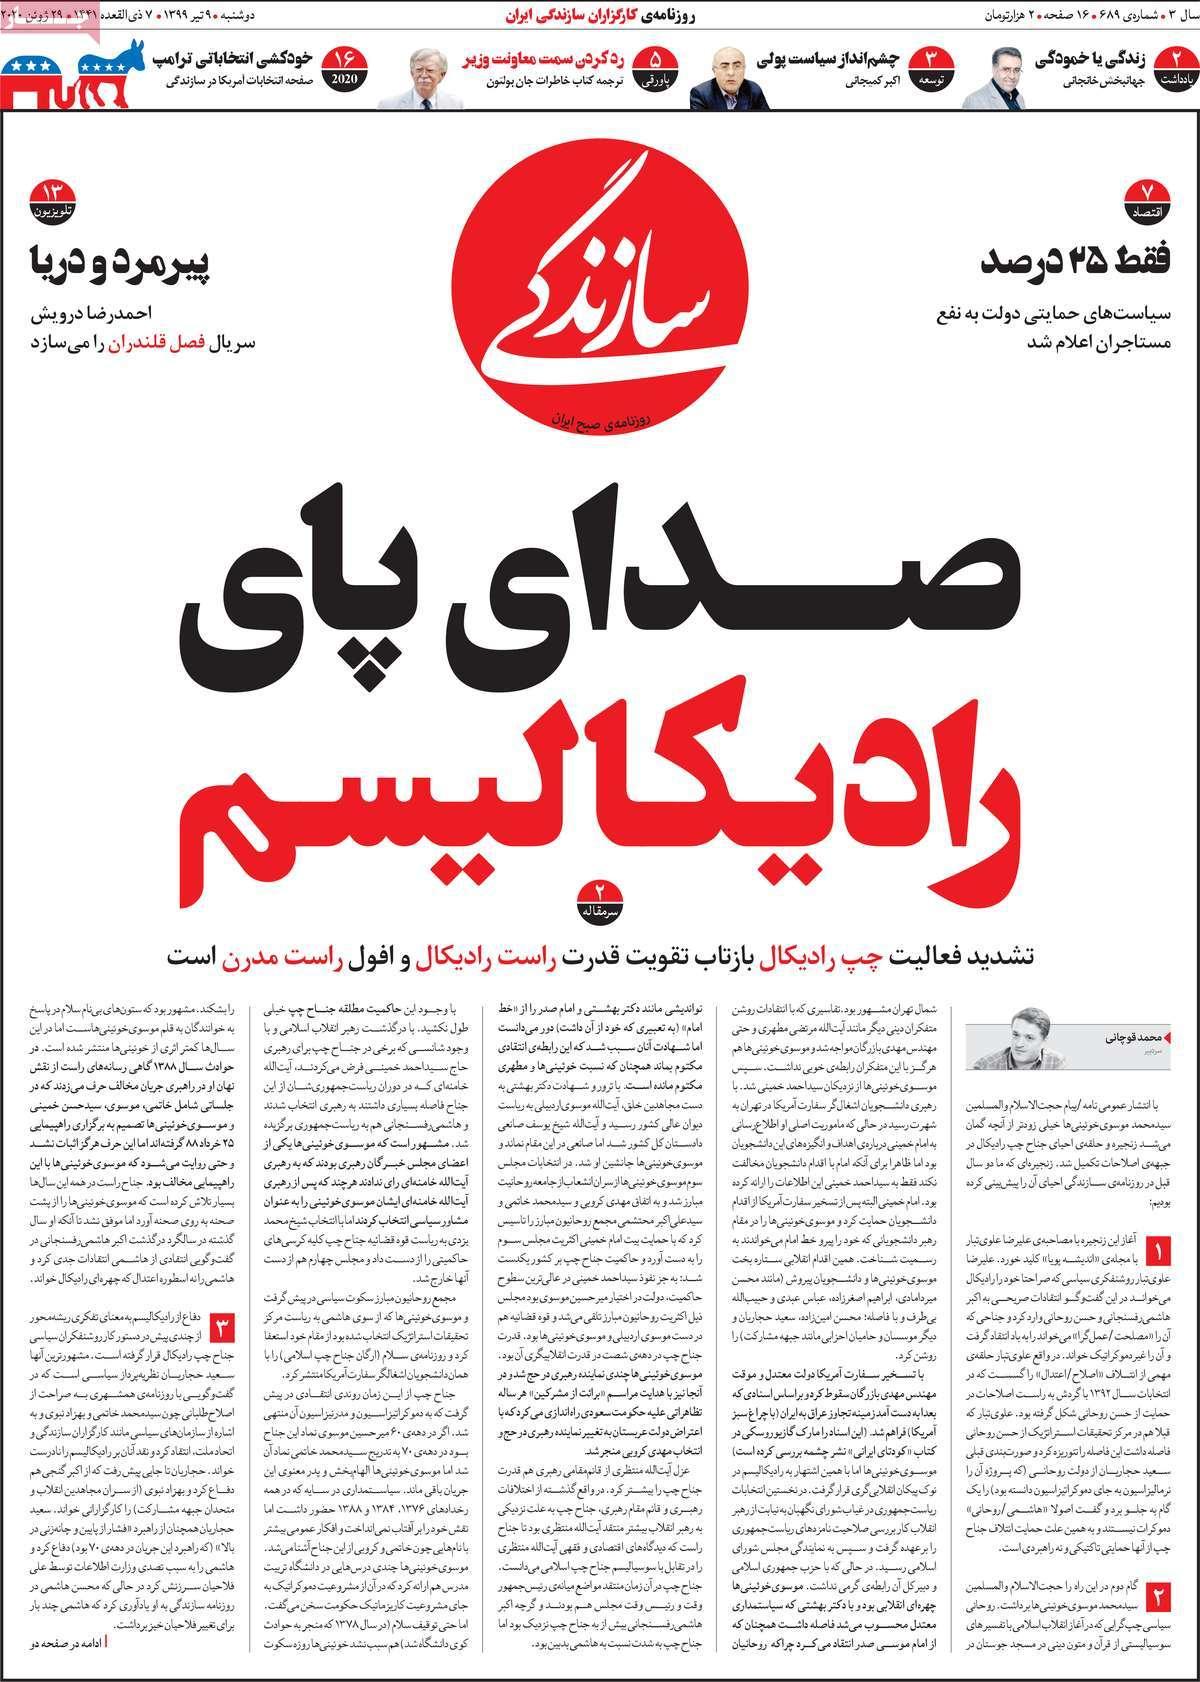 Um olhar sobre as primeiras páginas dos jornais iranianos em 29 de junho 12